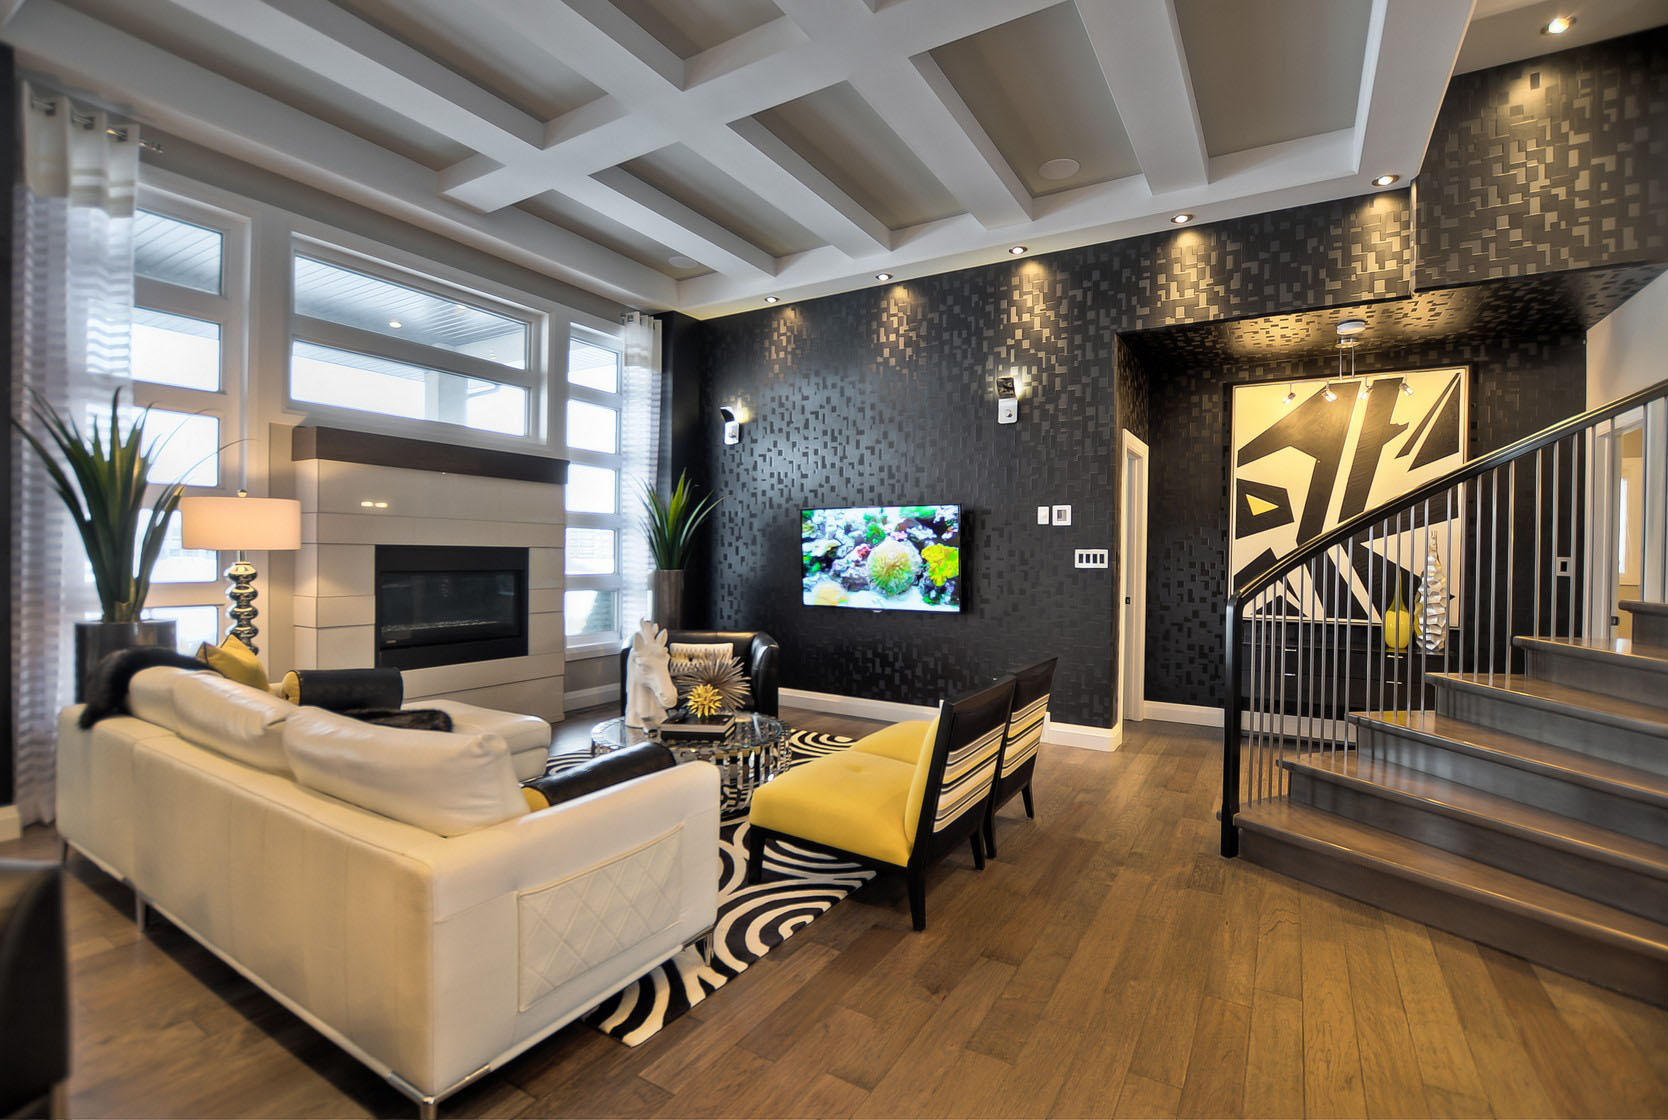 Contemporary Custom Dream Home In Saskatoon With Inspiring ...